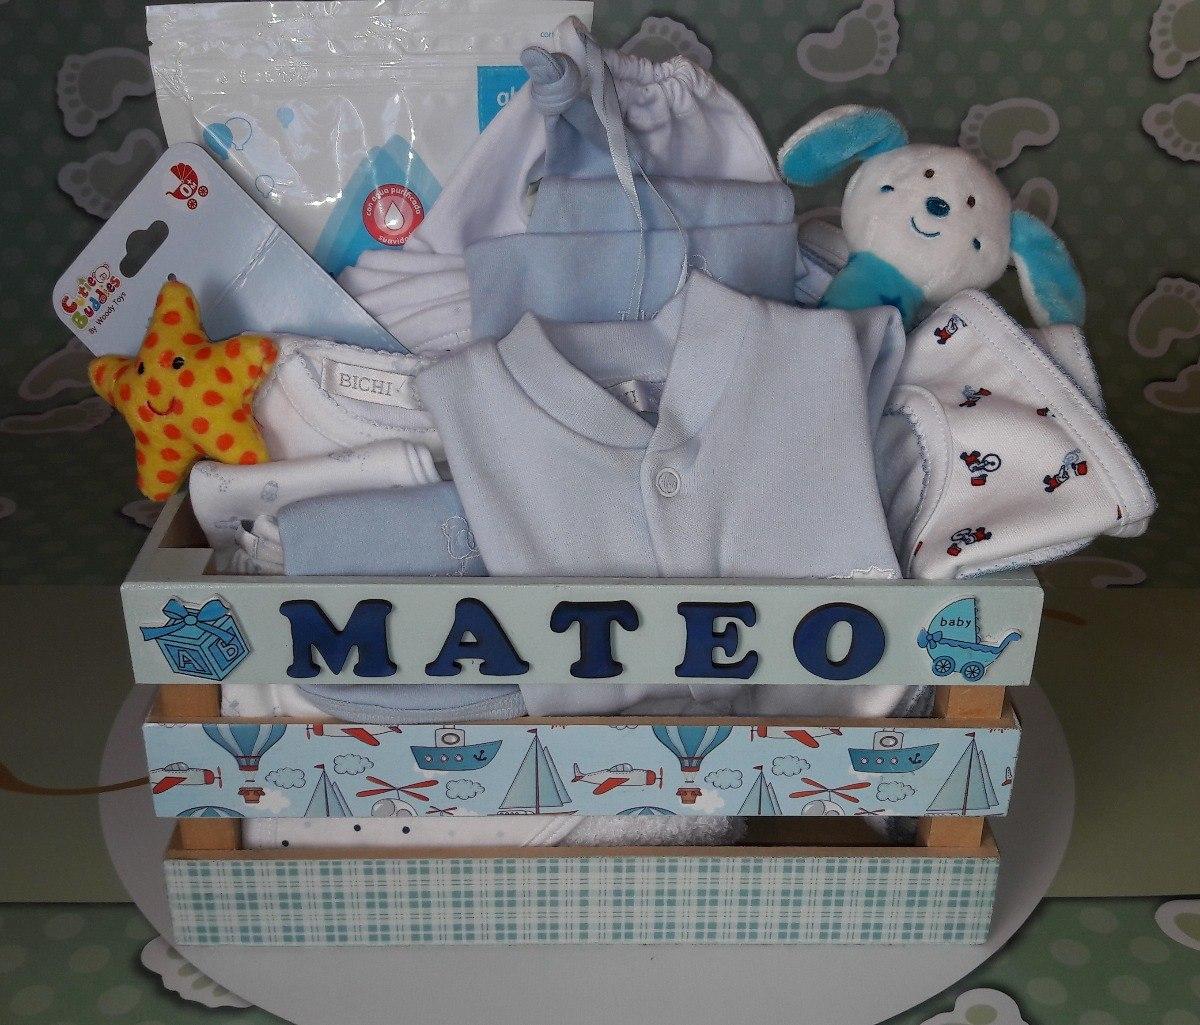 Regalo Baby Shower Ajuar Nacimiento Bebe   personalizado   -   2.680 ... 2b8779015f9